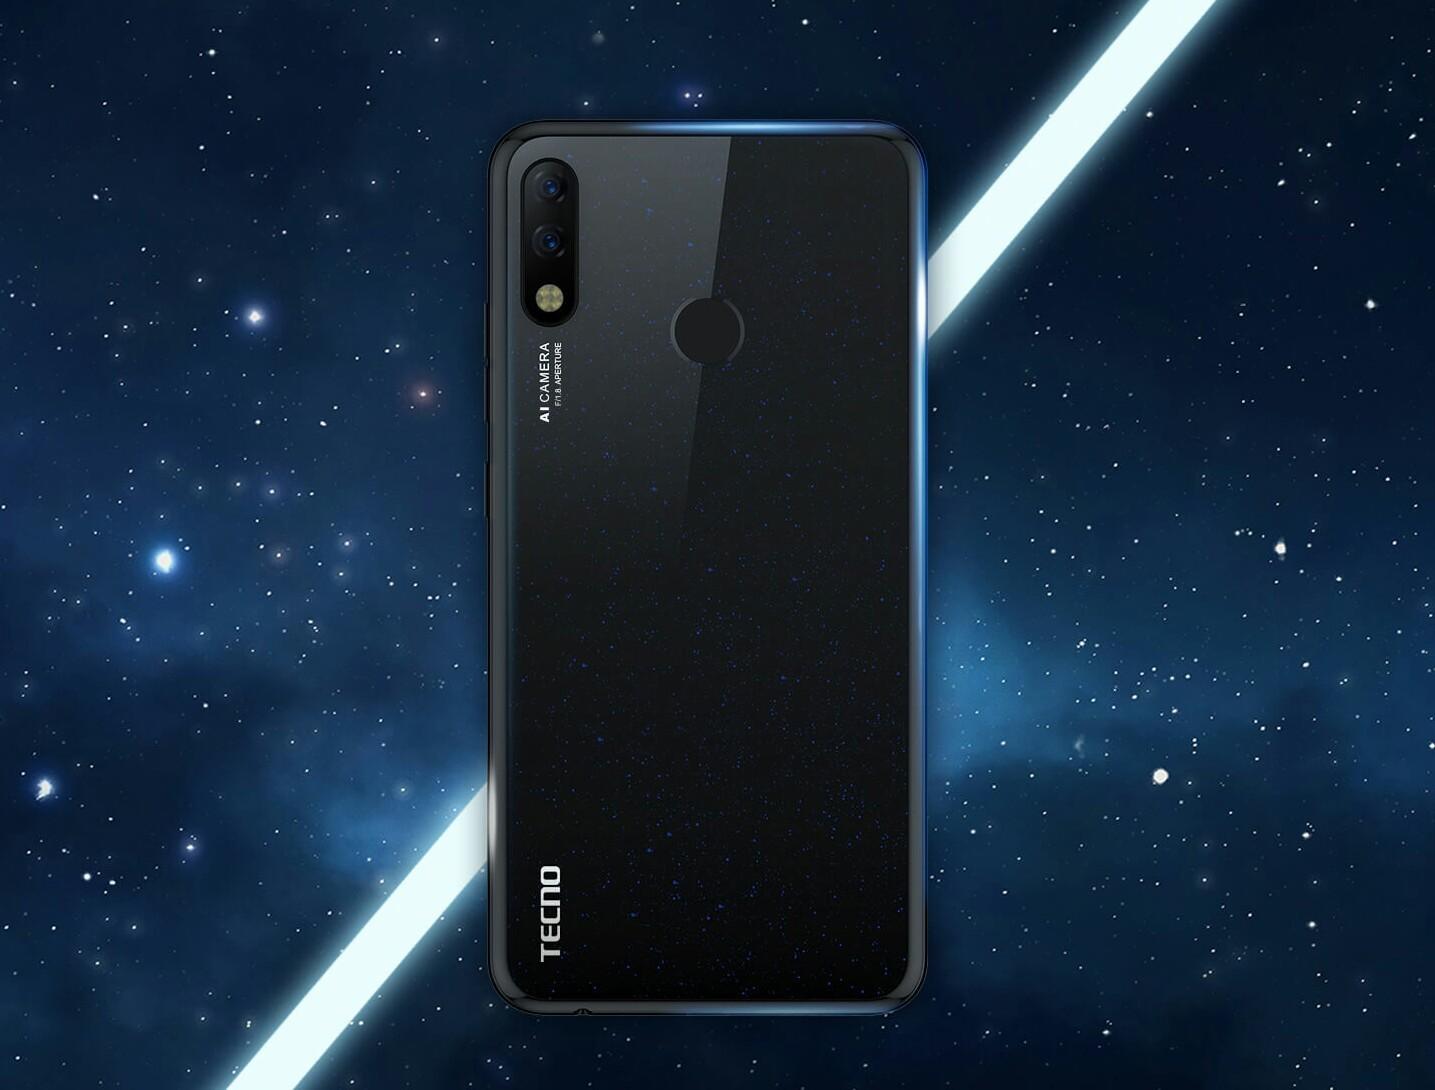 شركة Tecno تُعلن عن Tecno Spark 3 ... أحدث ثلاثة هواتف إقتصادية في السوق المصري